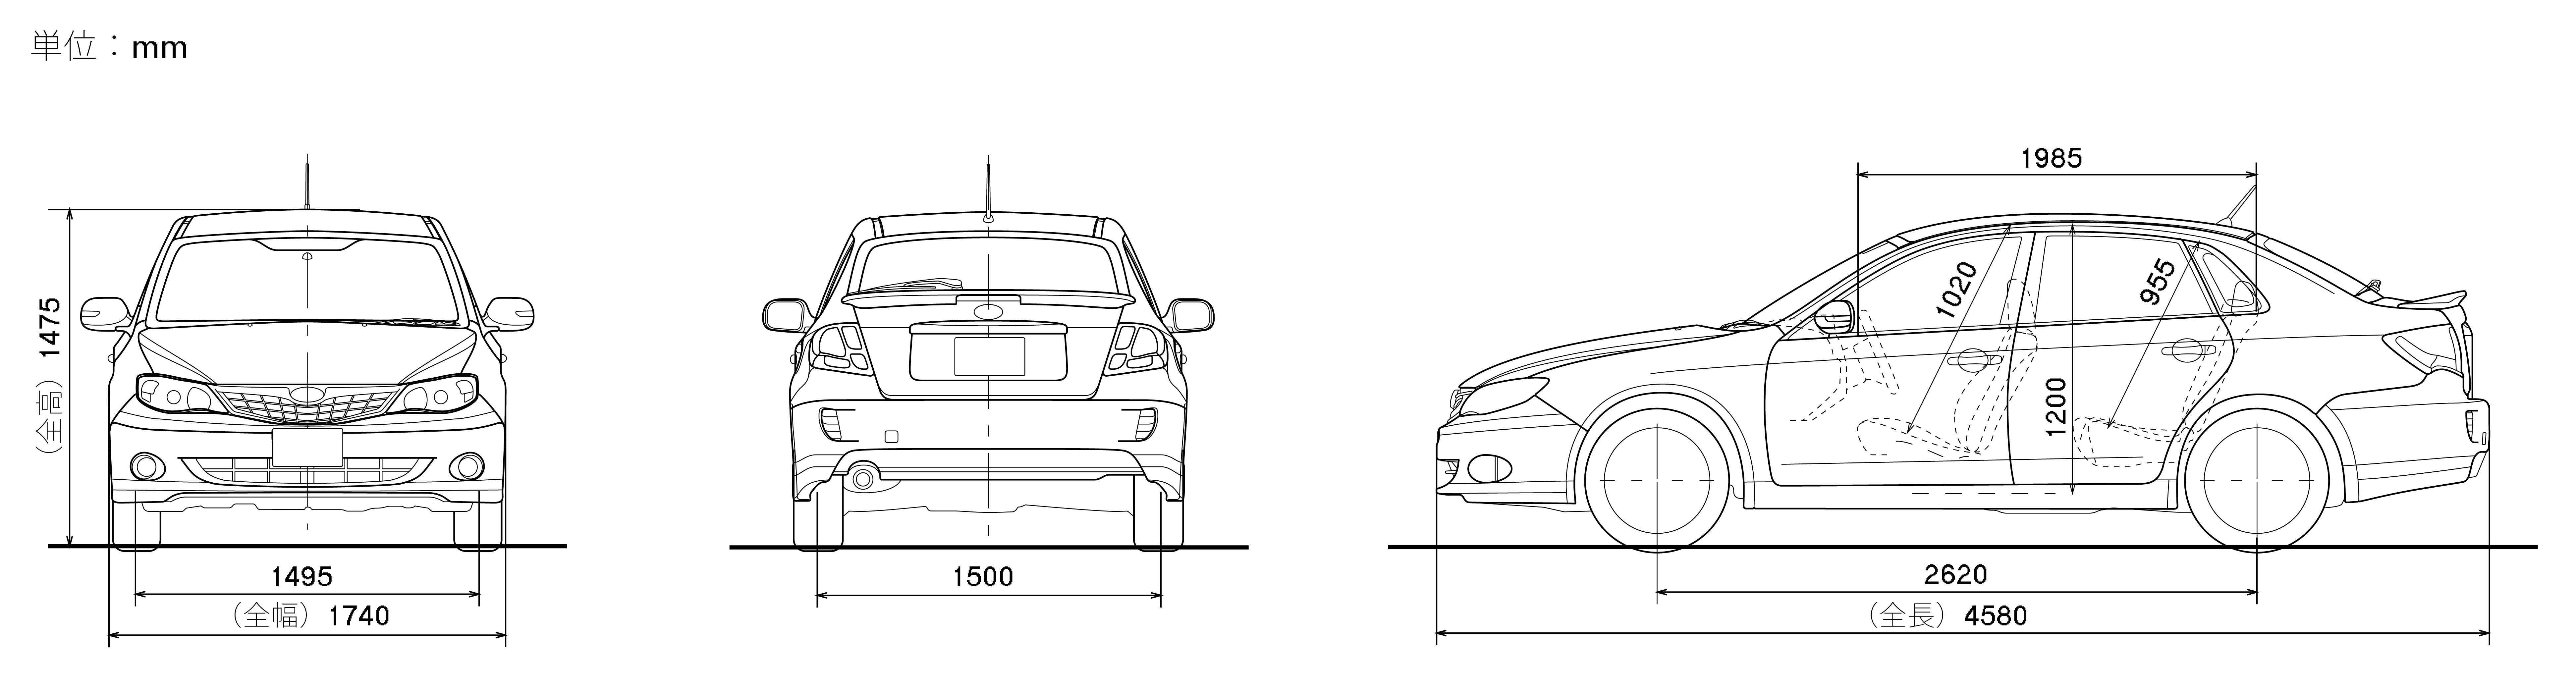 Subaru Impreza blueprint